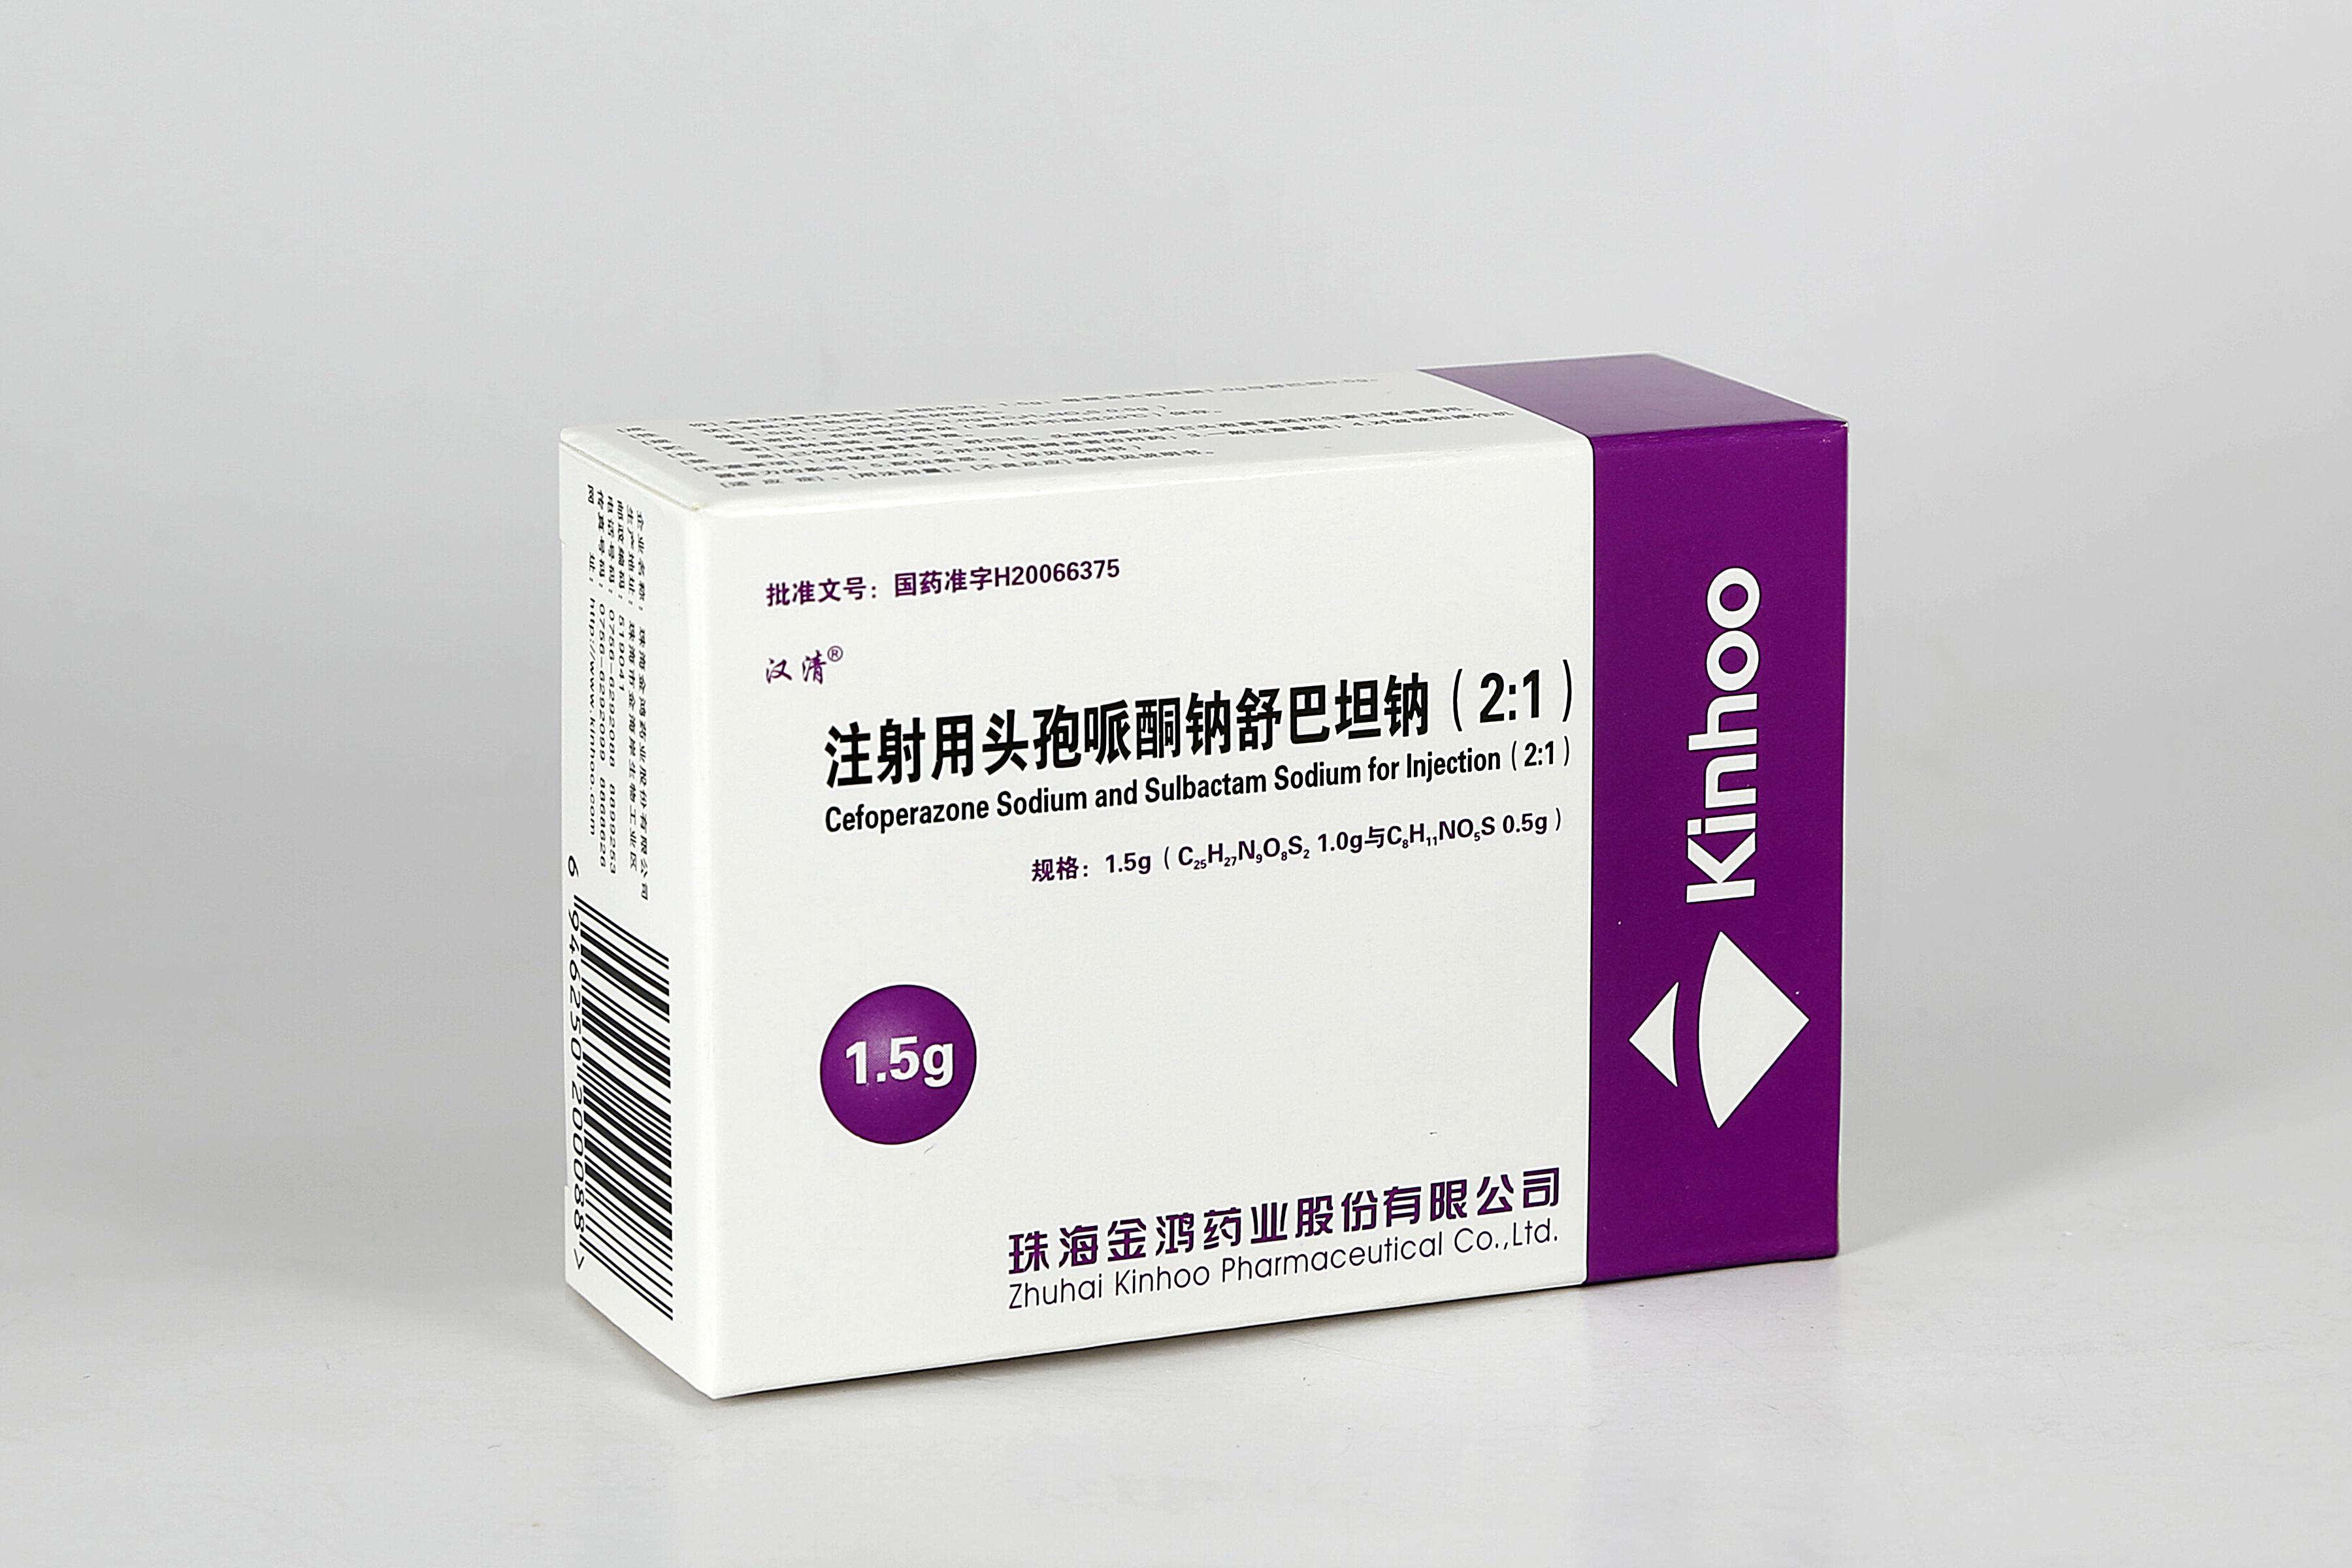 注射用头孢哌酮钠舒巴坦钠(2:1)